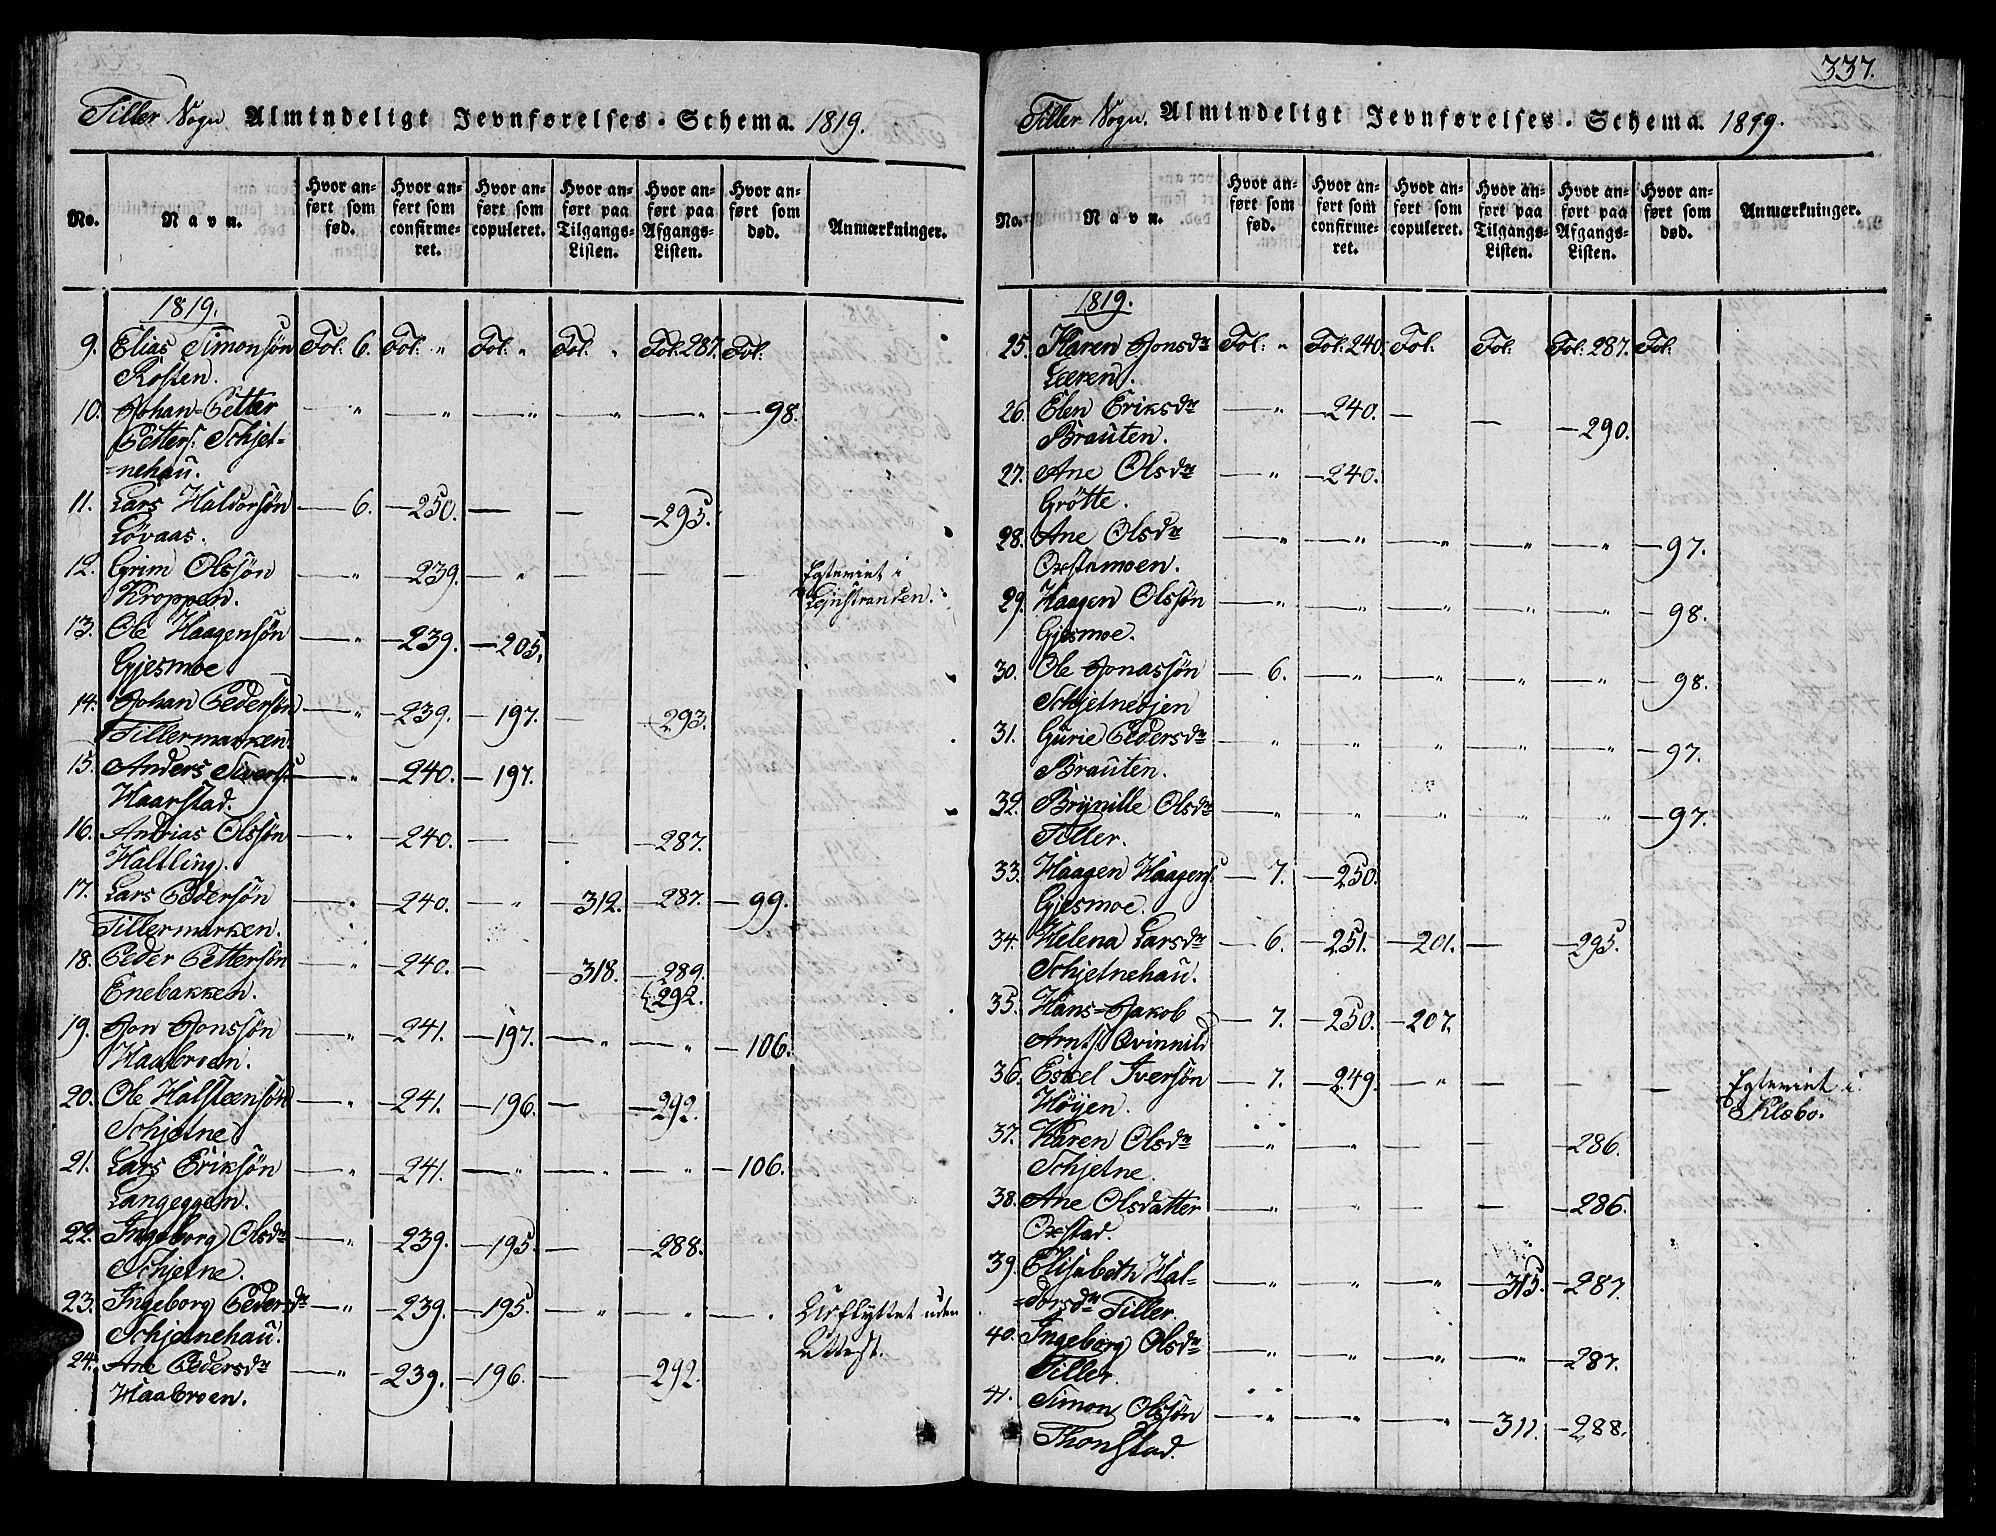 SAT, Ministerialprotokoller, klokkerbøker og fødselsregistre - Sør-Trøndelag, 621/L0458: Klokkerbok nr. 621C01, 1816-1865, s. 337